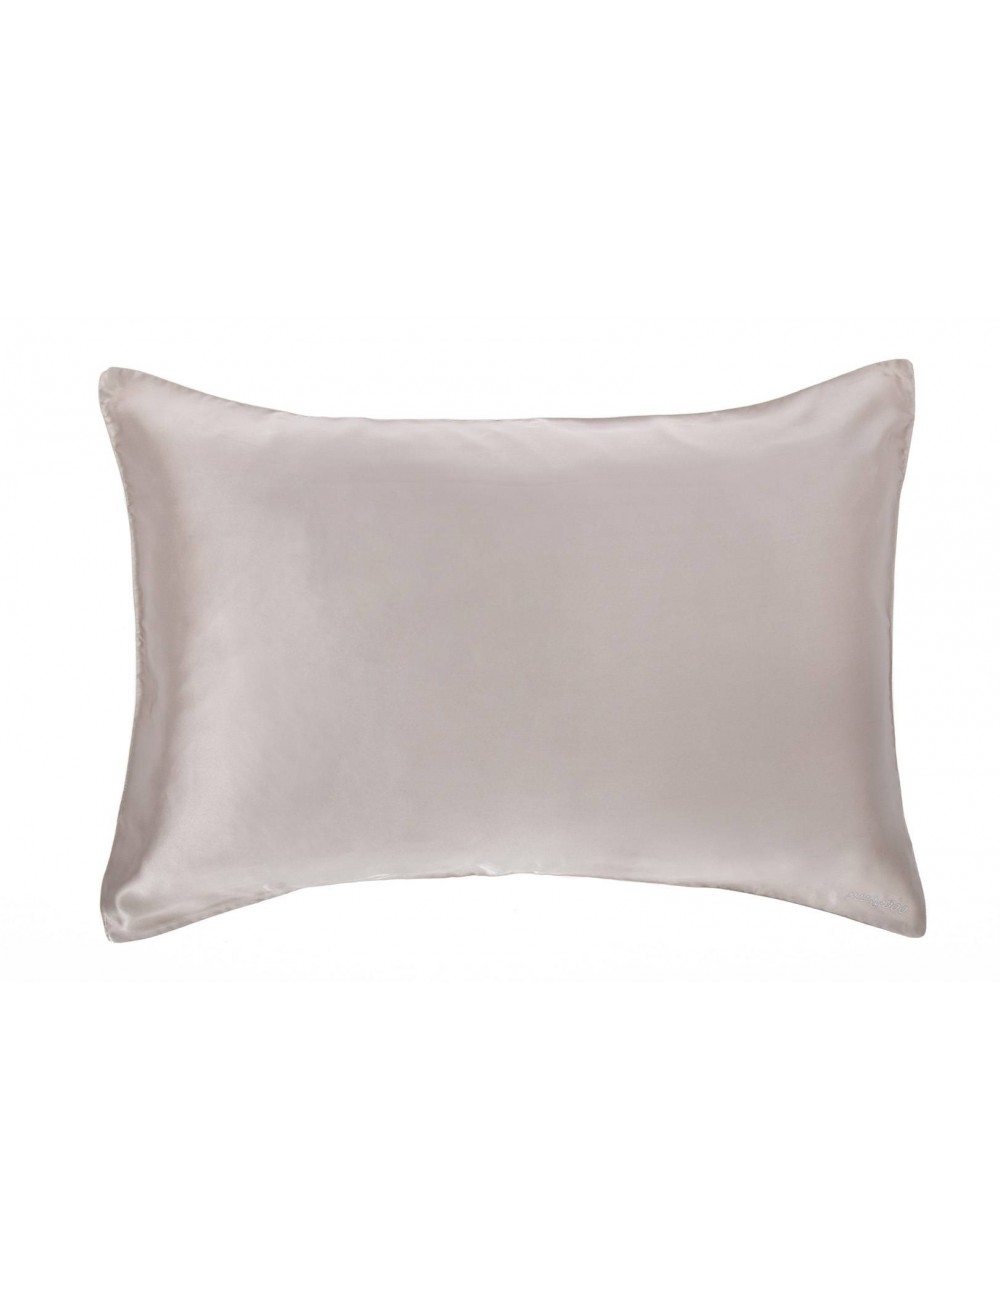 PEEKABOO 絲綢枕頭套 (灰色)